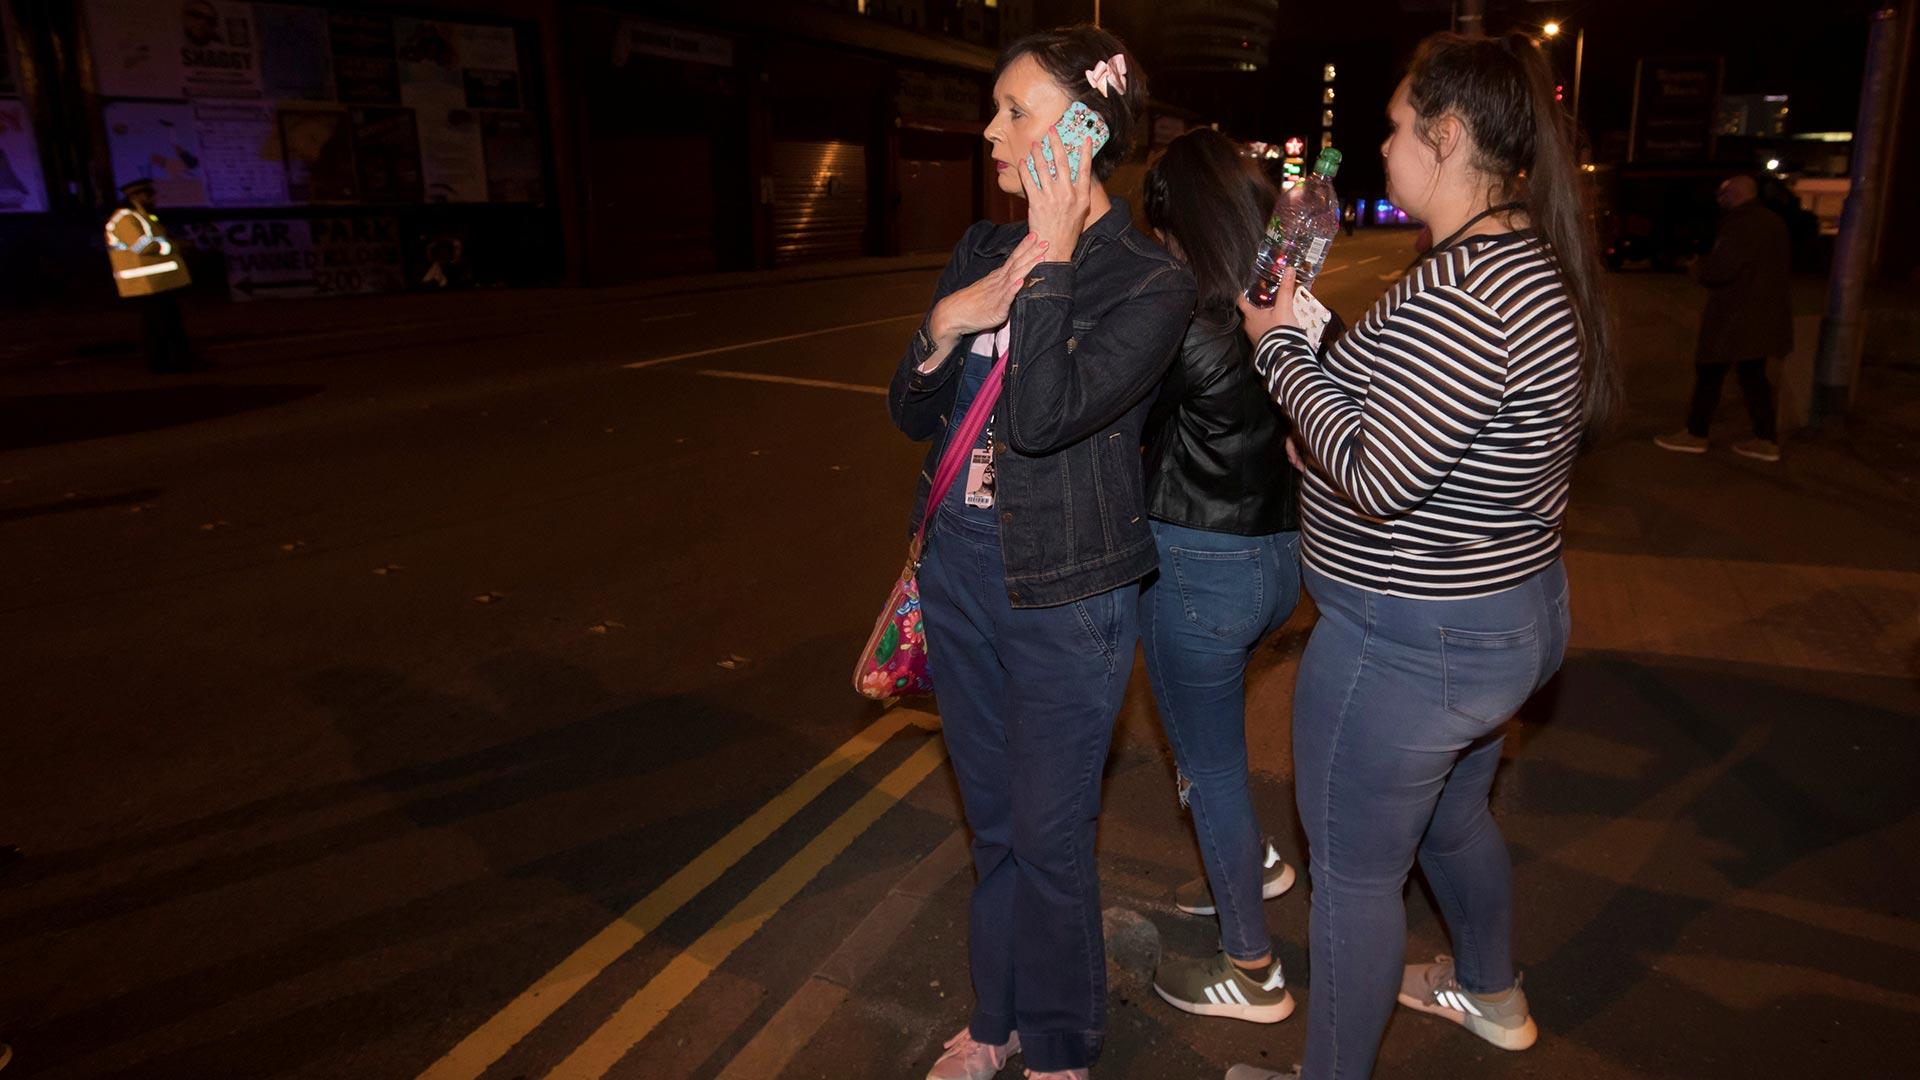 En el lugar se encontraban principalmente jóvenes que veían el primero de tres conciertos que realizaría Ariana Grande en el Reino Unido (Reuters)